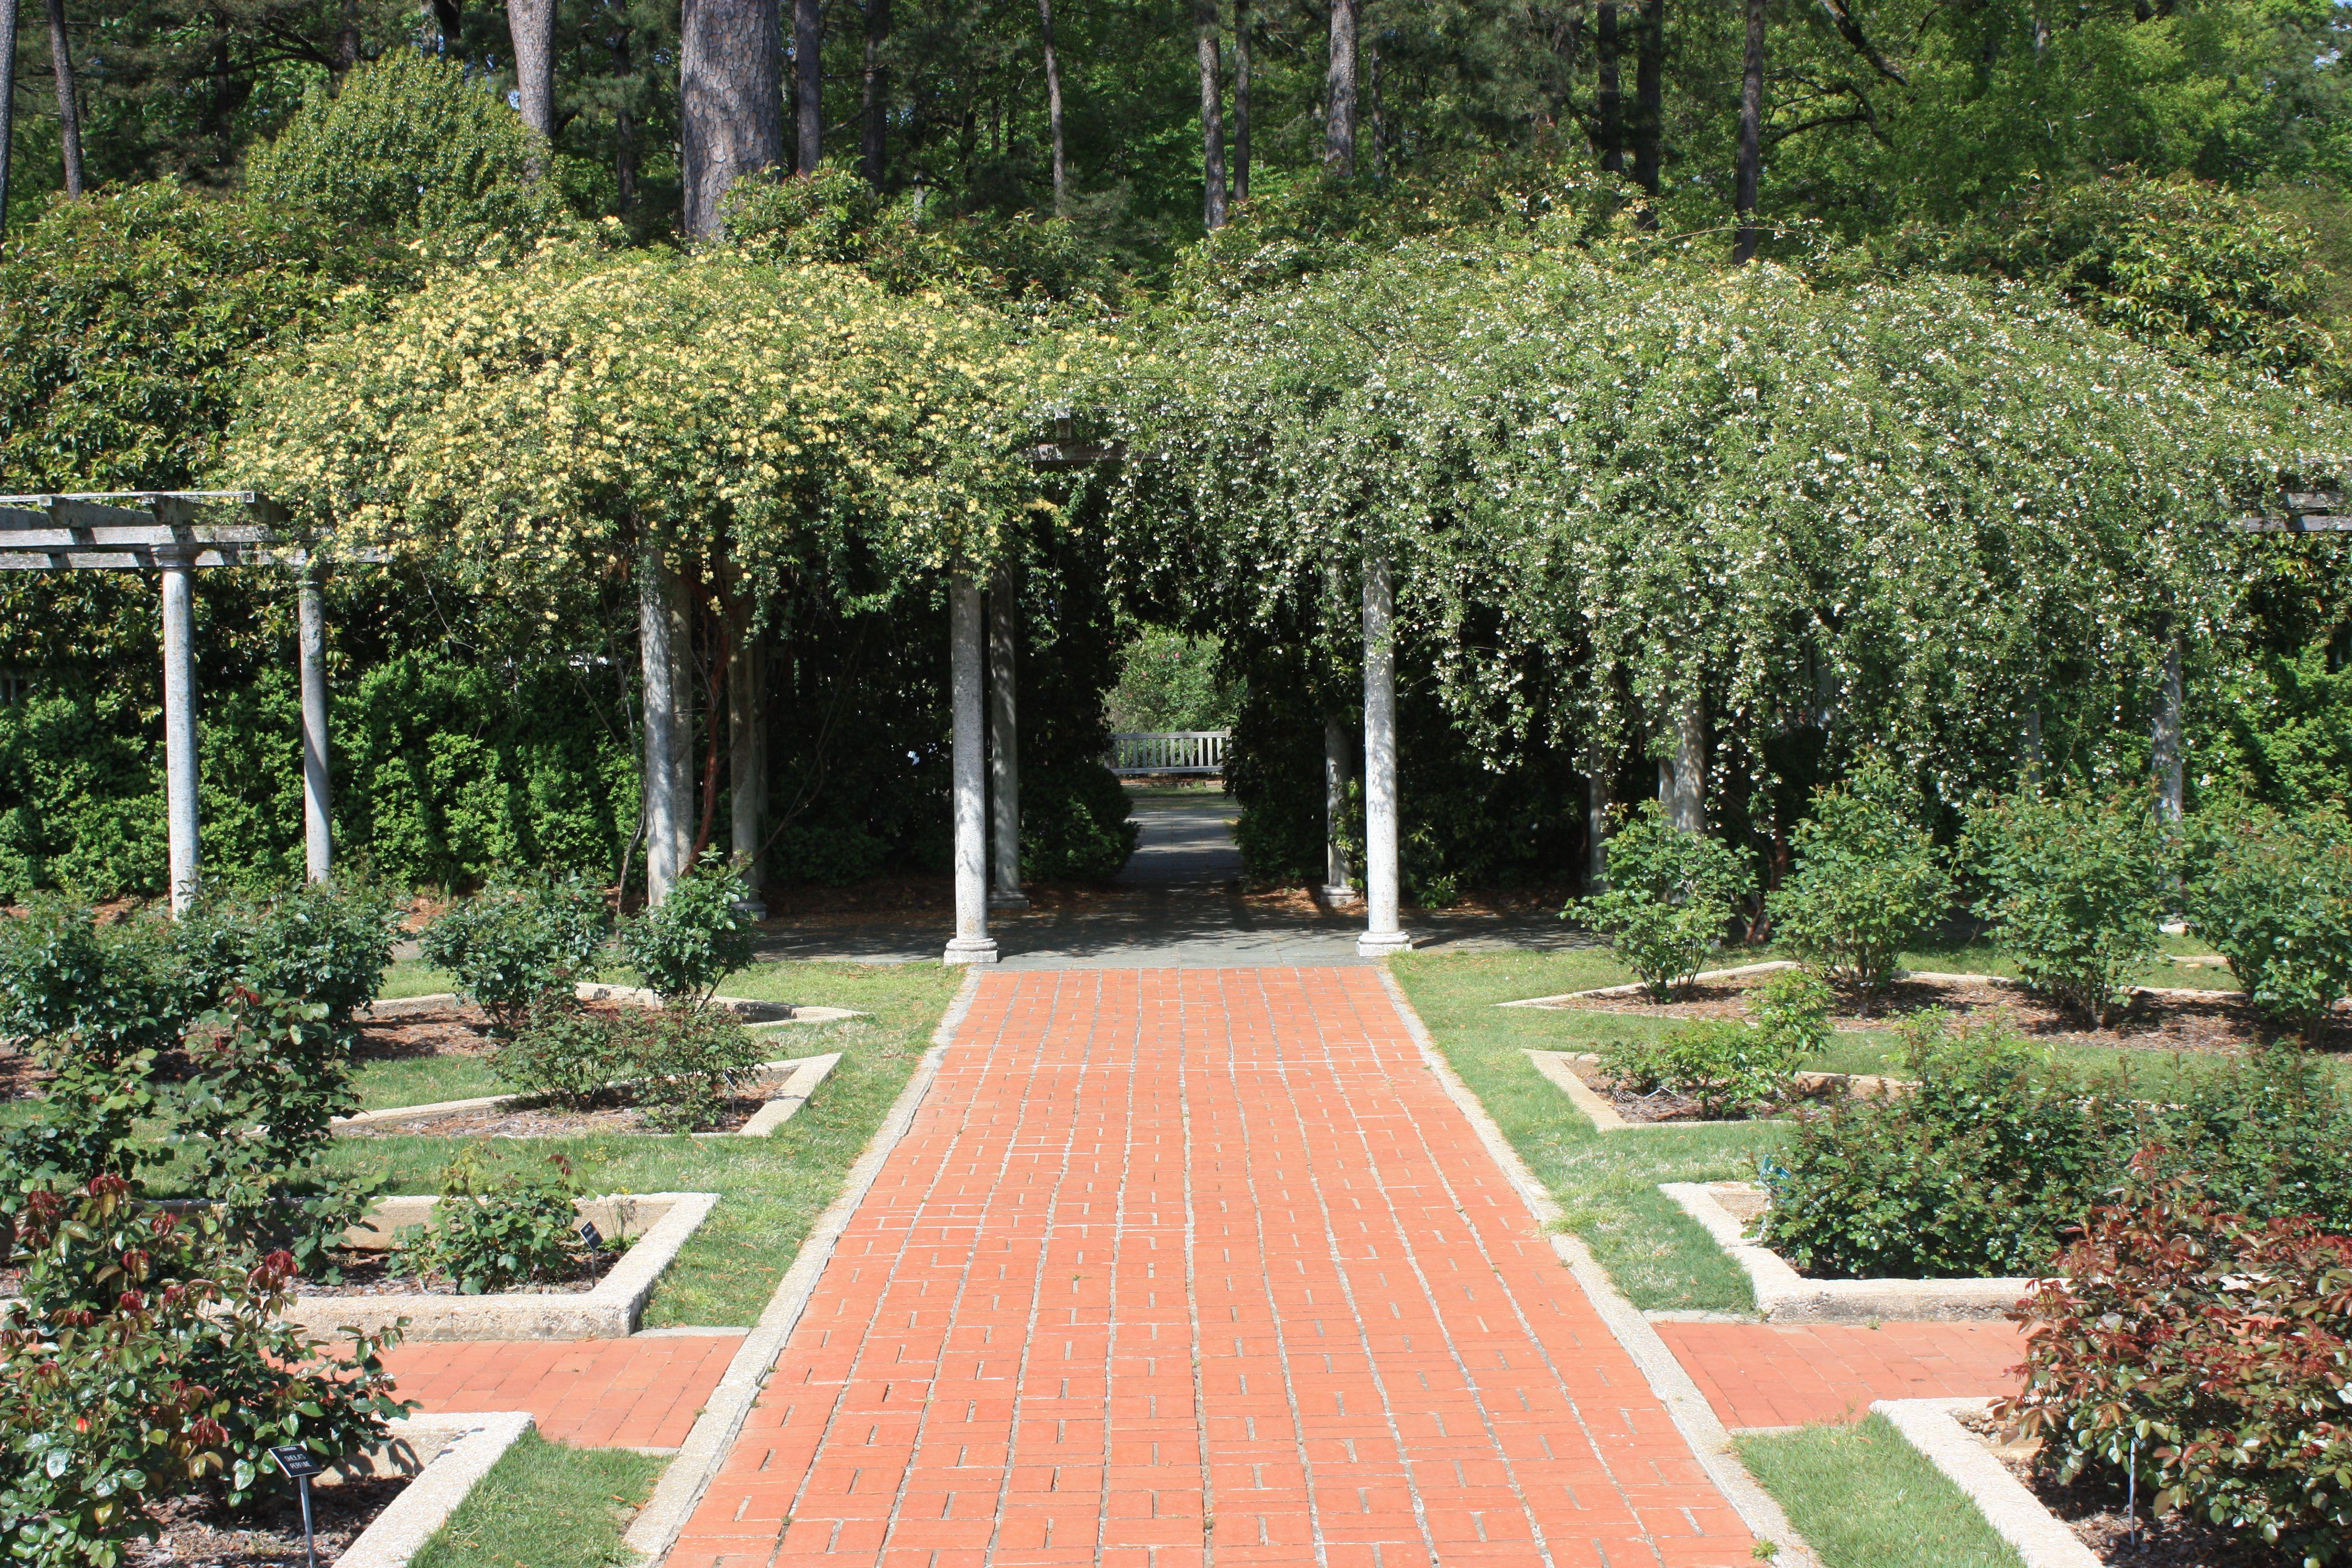 8479e7f4705502e32ba678923c185ca9 - Parking At The Botanical Gardens Birmingham